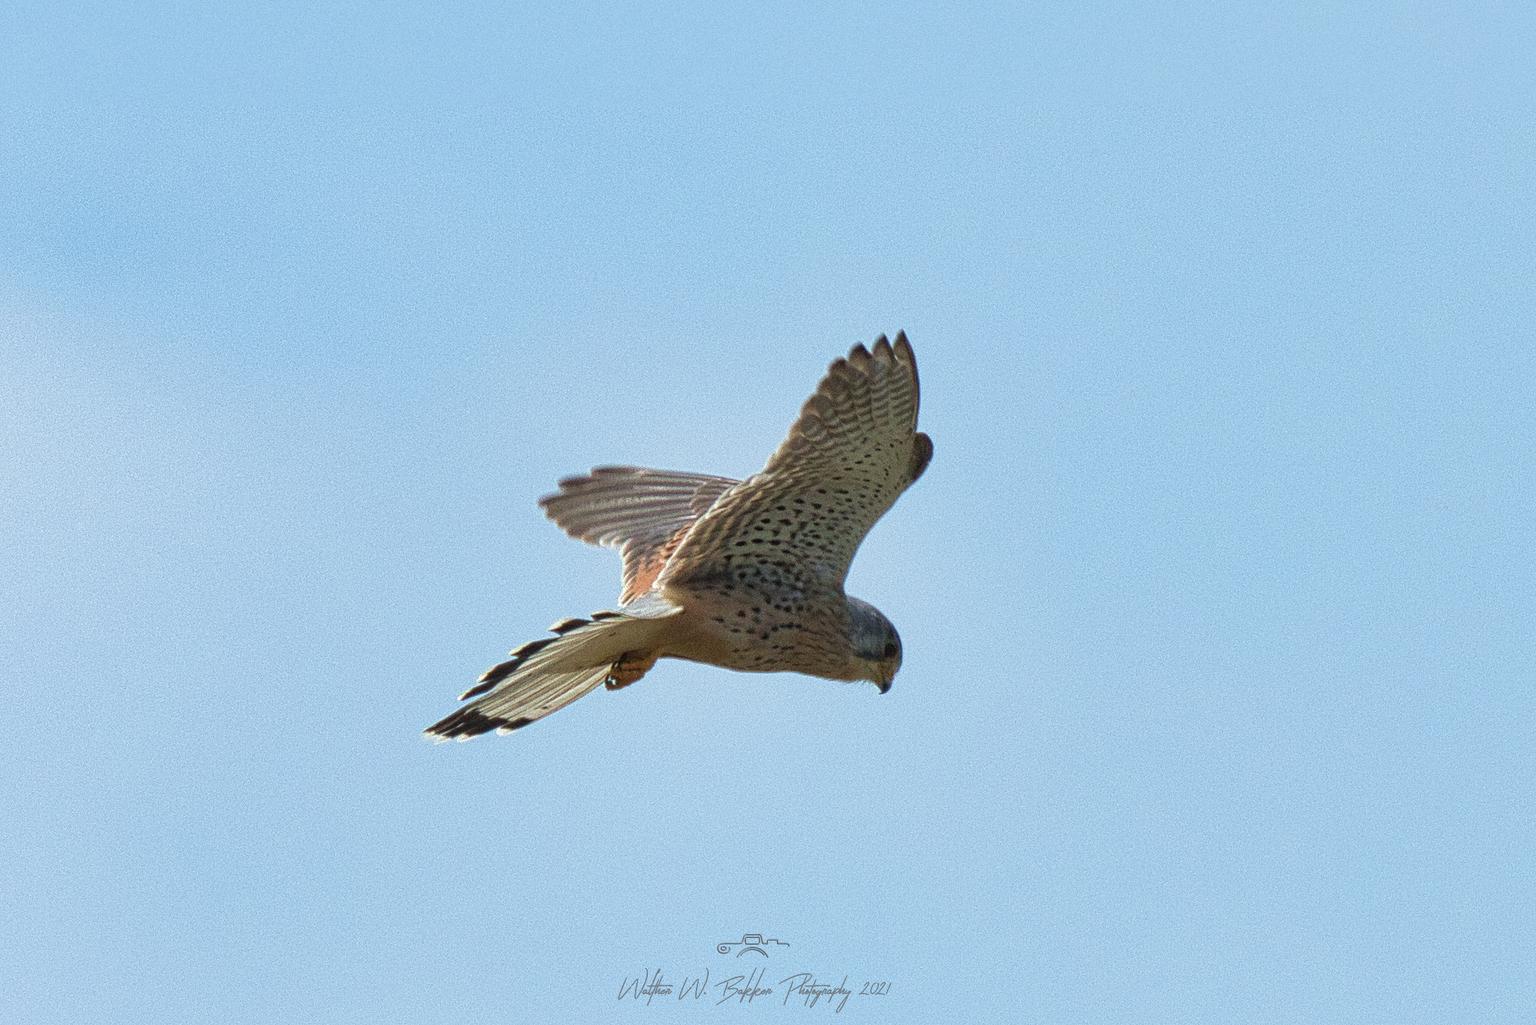 Torenvalk - Een biddend torenvalkje die even later een muis slaat, zie mijn 2e foto. - foto door Waltherwb op 18-04-2021 - locatie: Lutjebroekerweel, 1614 Lutjebroek, Nederland - deze foto bevat: #torenvalk, #vogel, #jacht, lucht, vogel, accipitridae, valk, bek, falconiformes, kiekendief, vleugel, accipitriformes, roofvogel